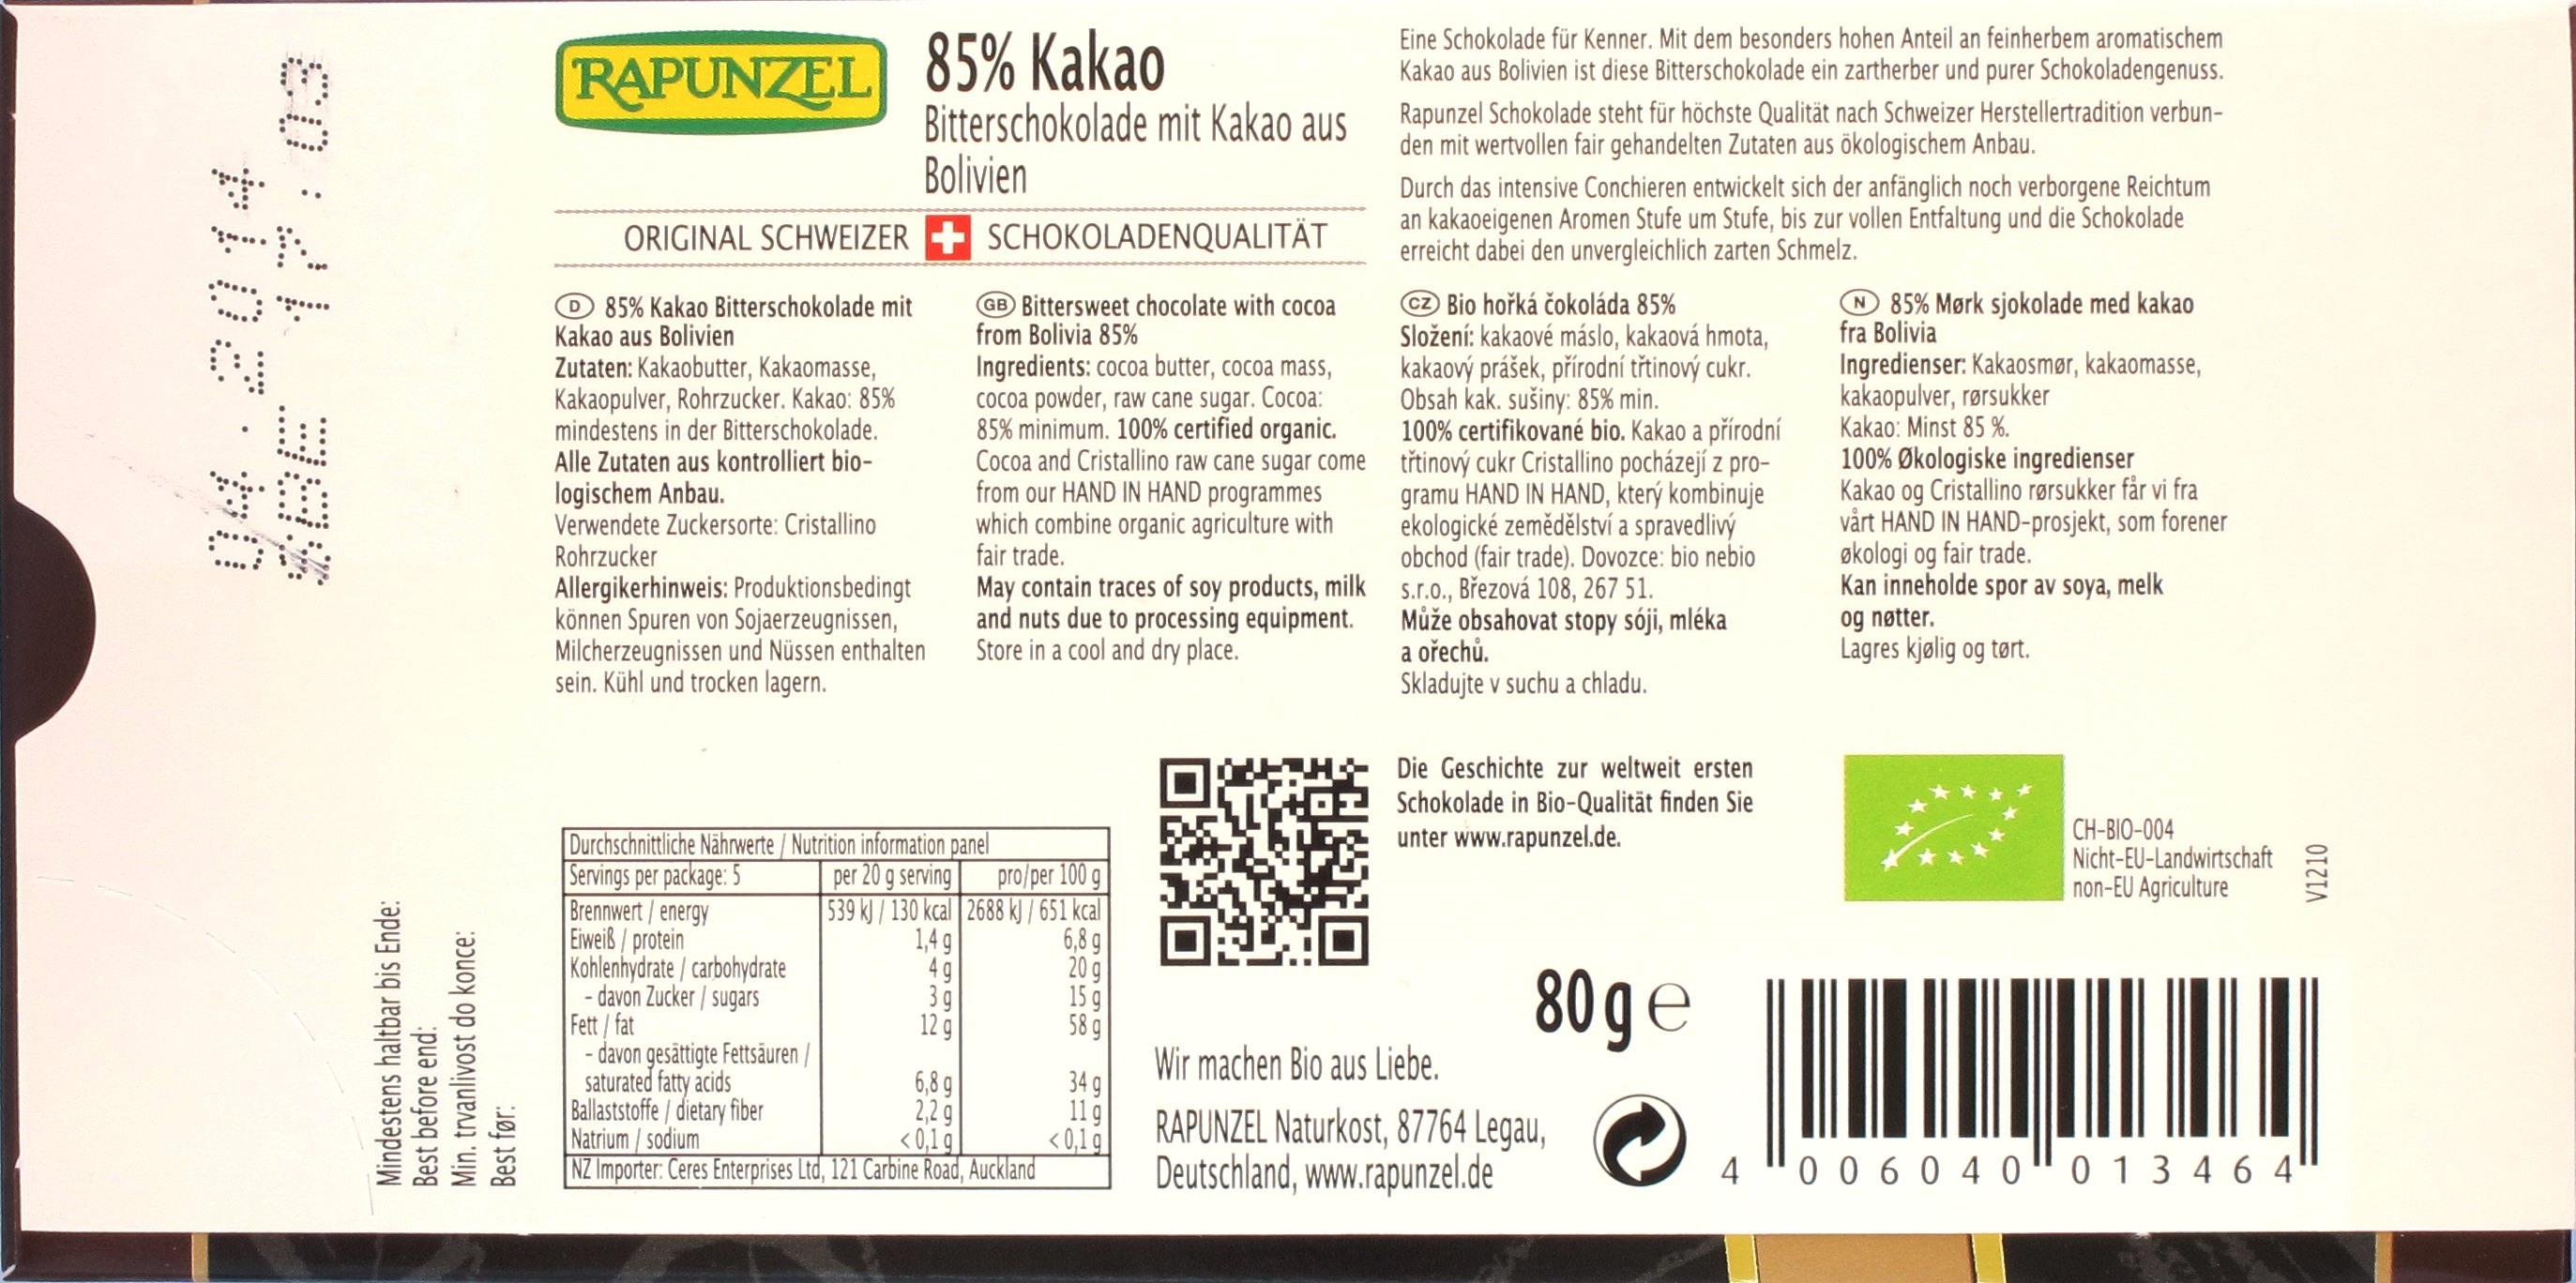 Rapunzel Bio-/Fairtrade-Schokolade 85%: Rückseite